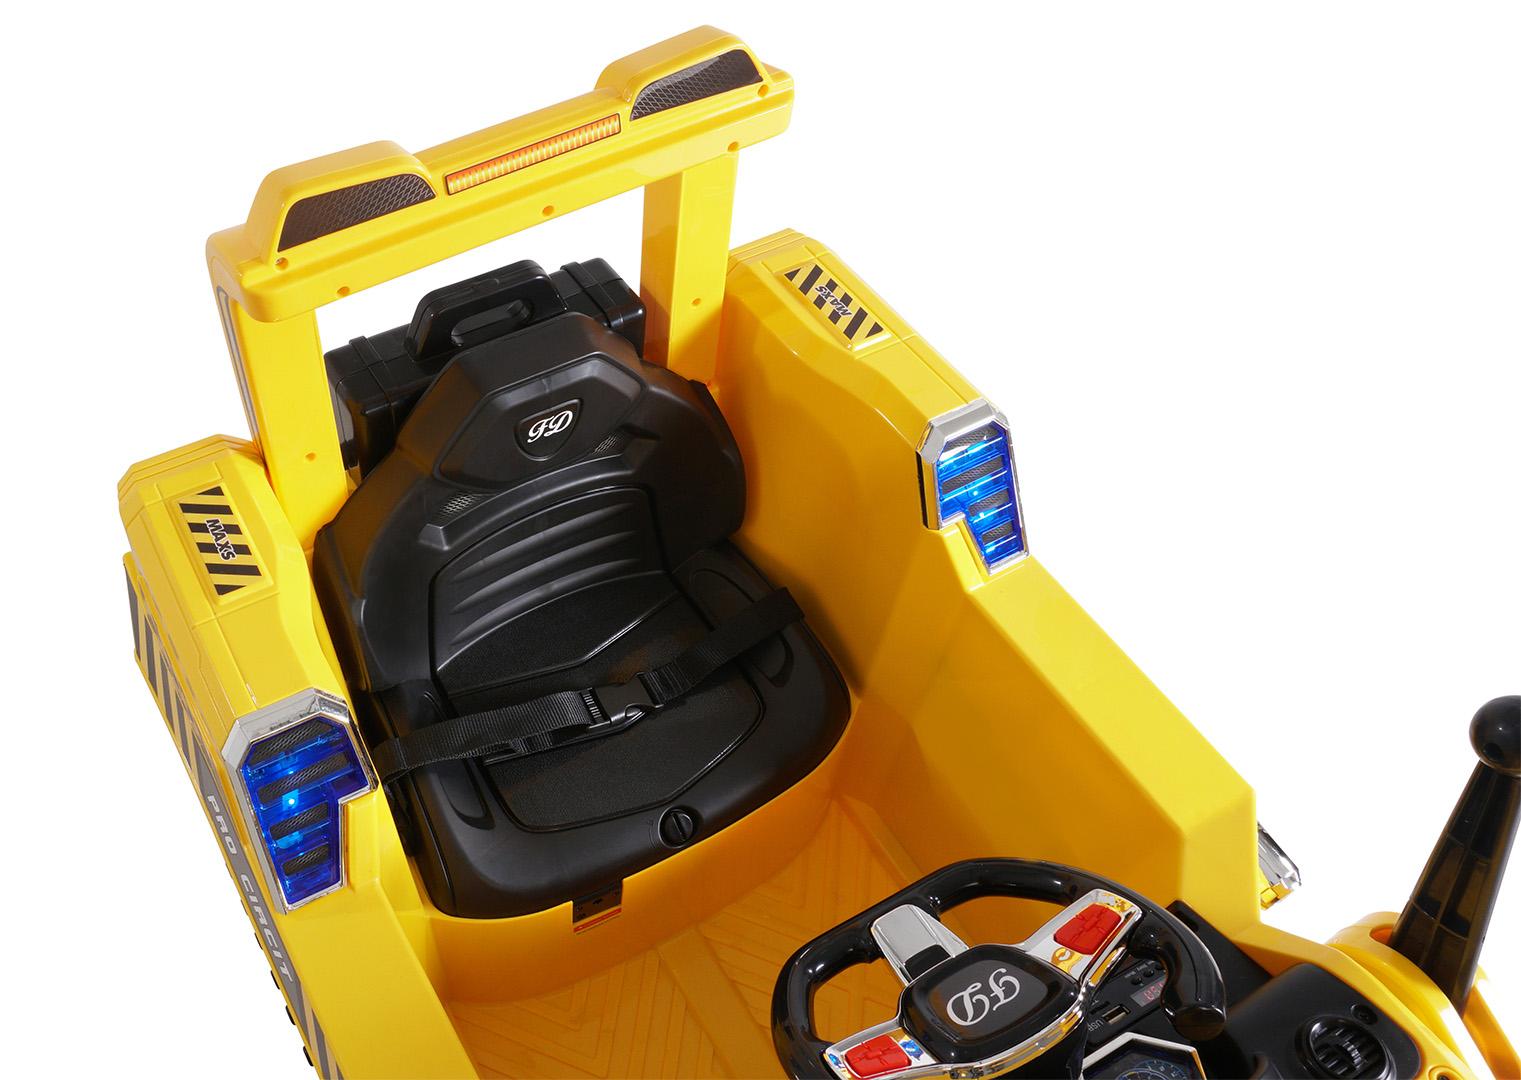 kinder elektrobagger d2810 gelb funktionsf hige schaufel. Black Bedroom Furniture Sets. Home Design Ideas